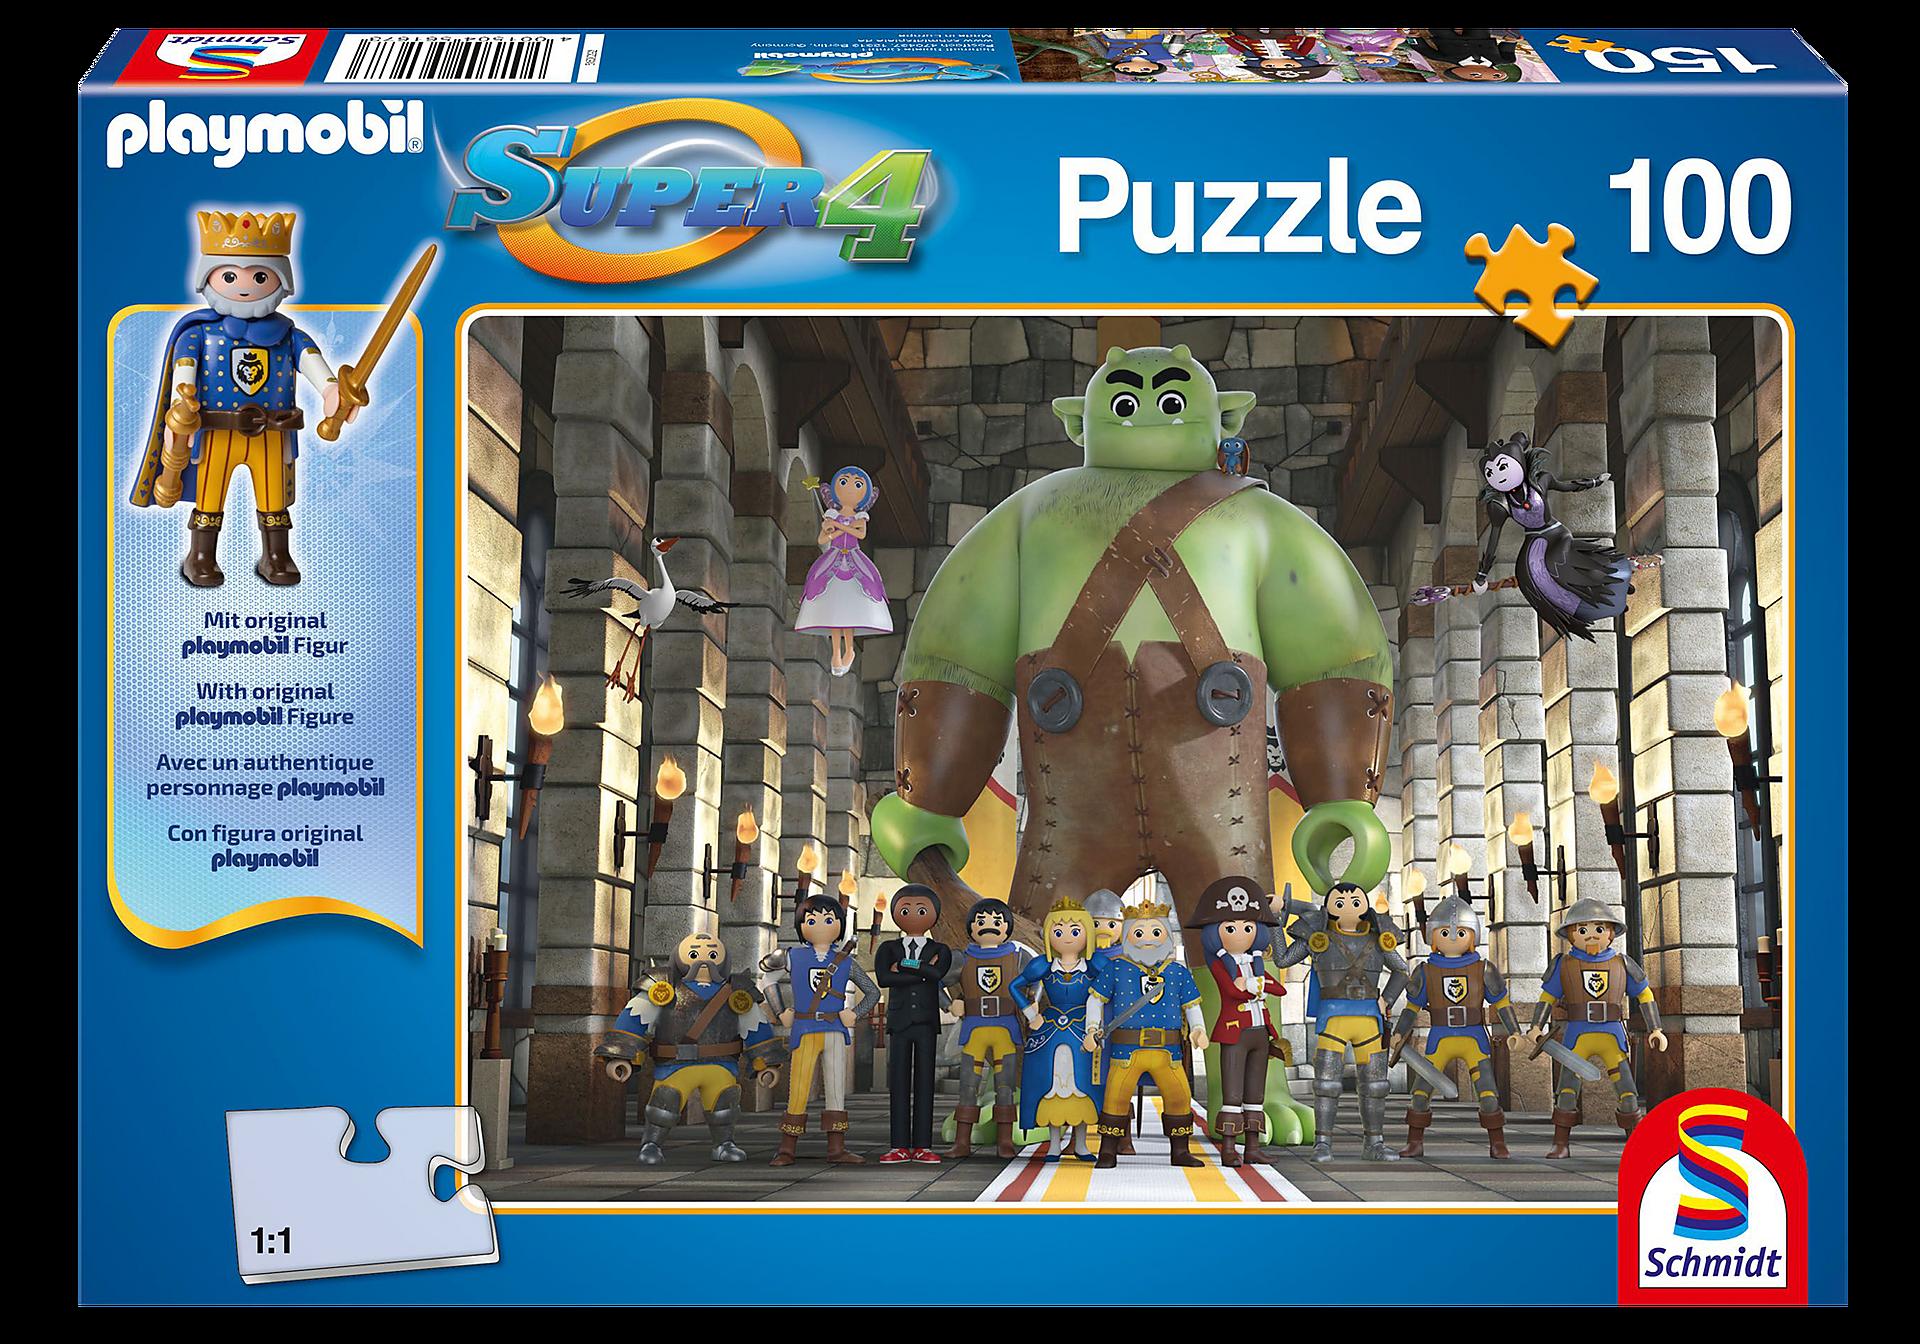 http://media.playmobil.com/i/playmobil/80707_product_detail/Puzzle Super4 - Kingsland